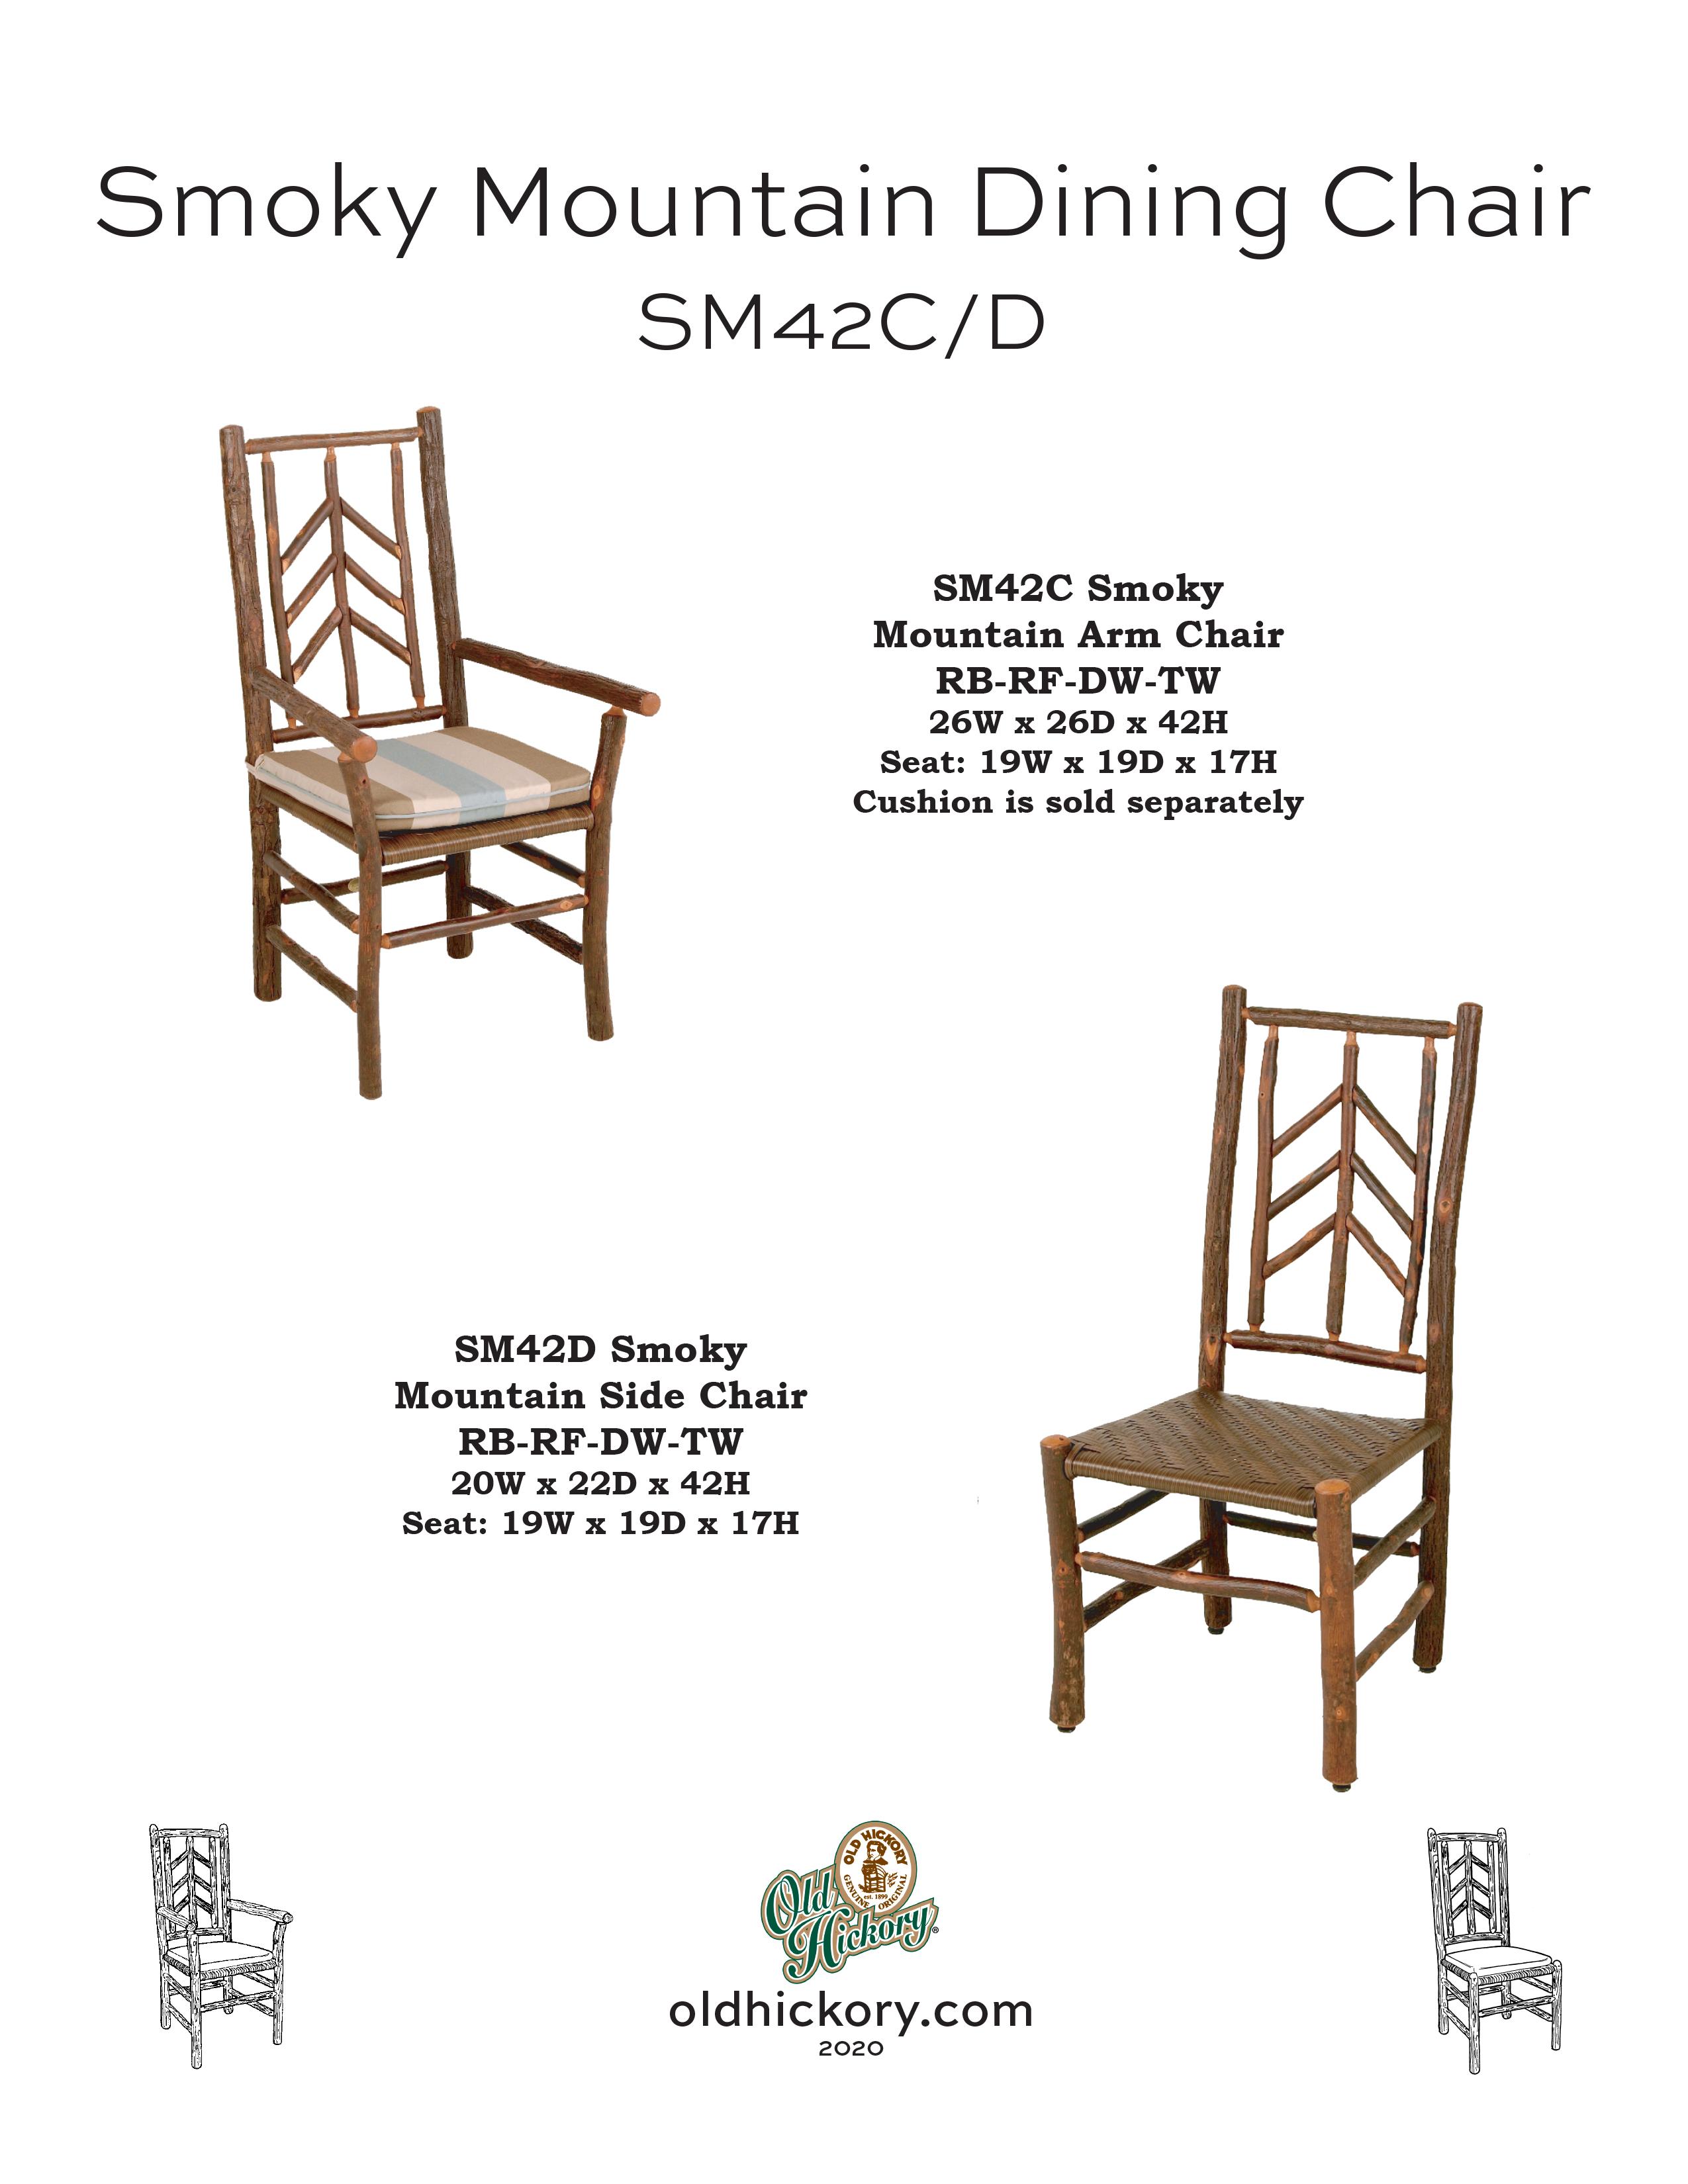 SM42C & SM42D